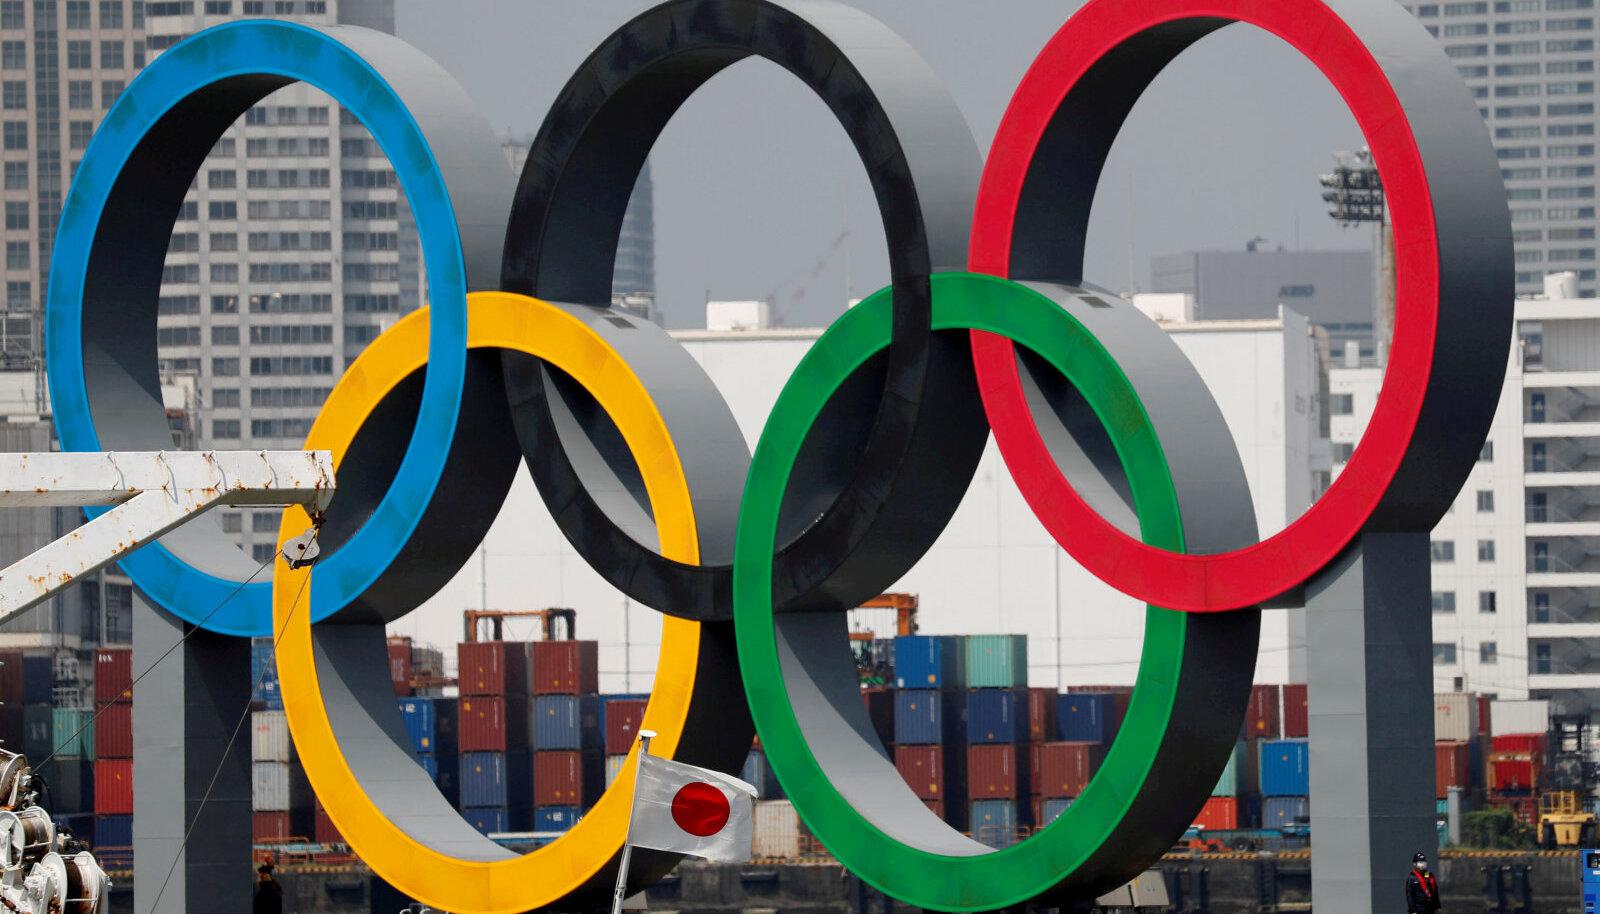 Olümpiarõngad.